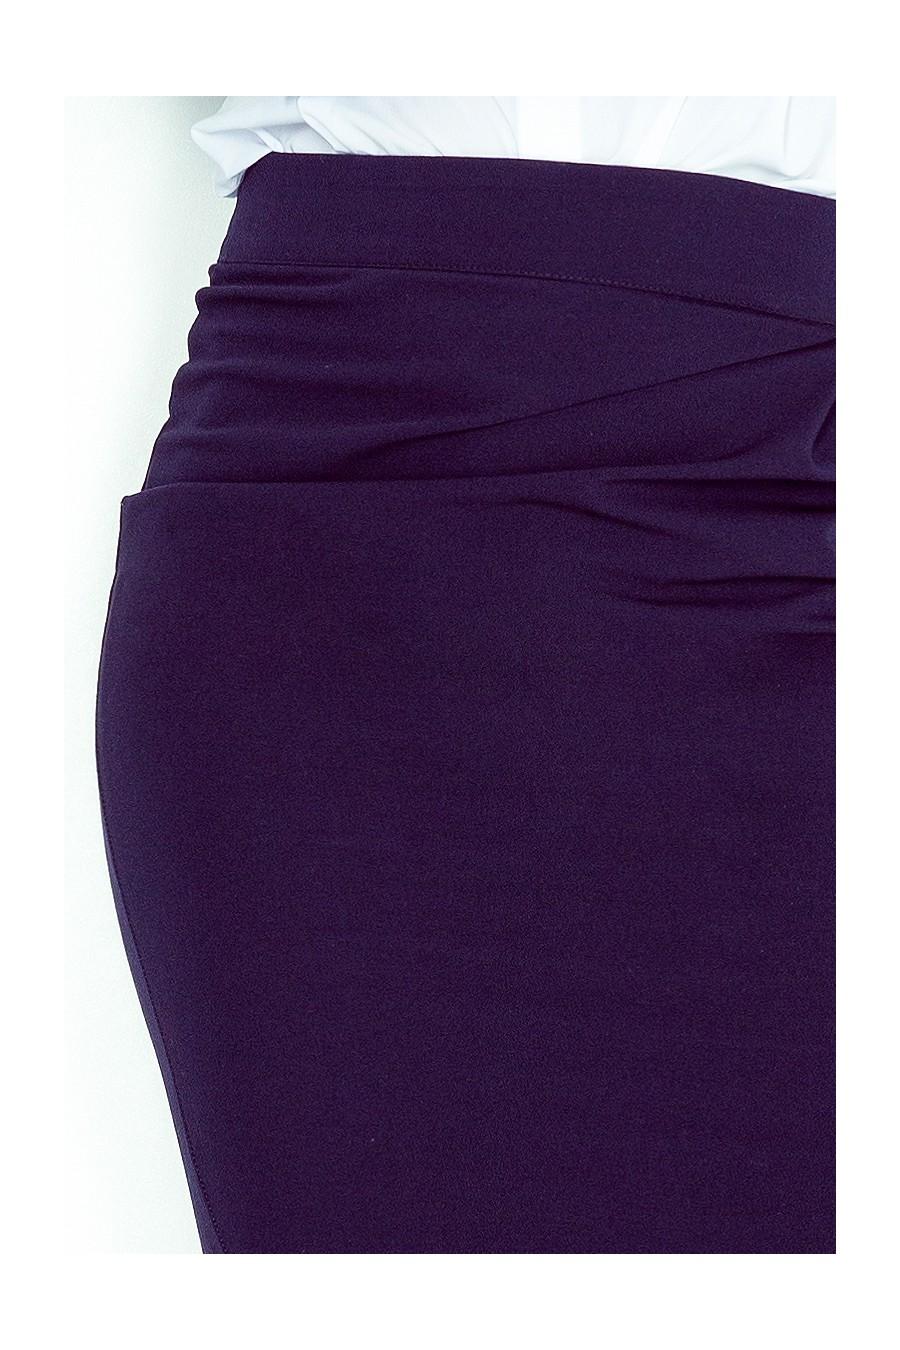 Sukně s záhybů - tmave modre MM 001-2